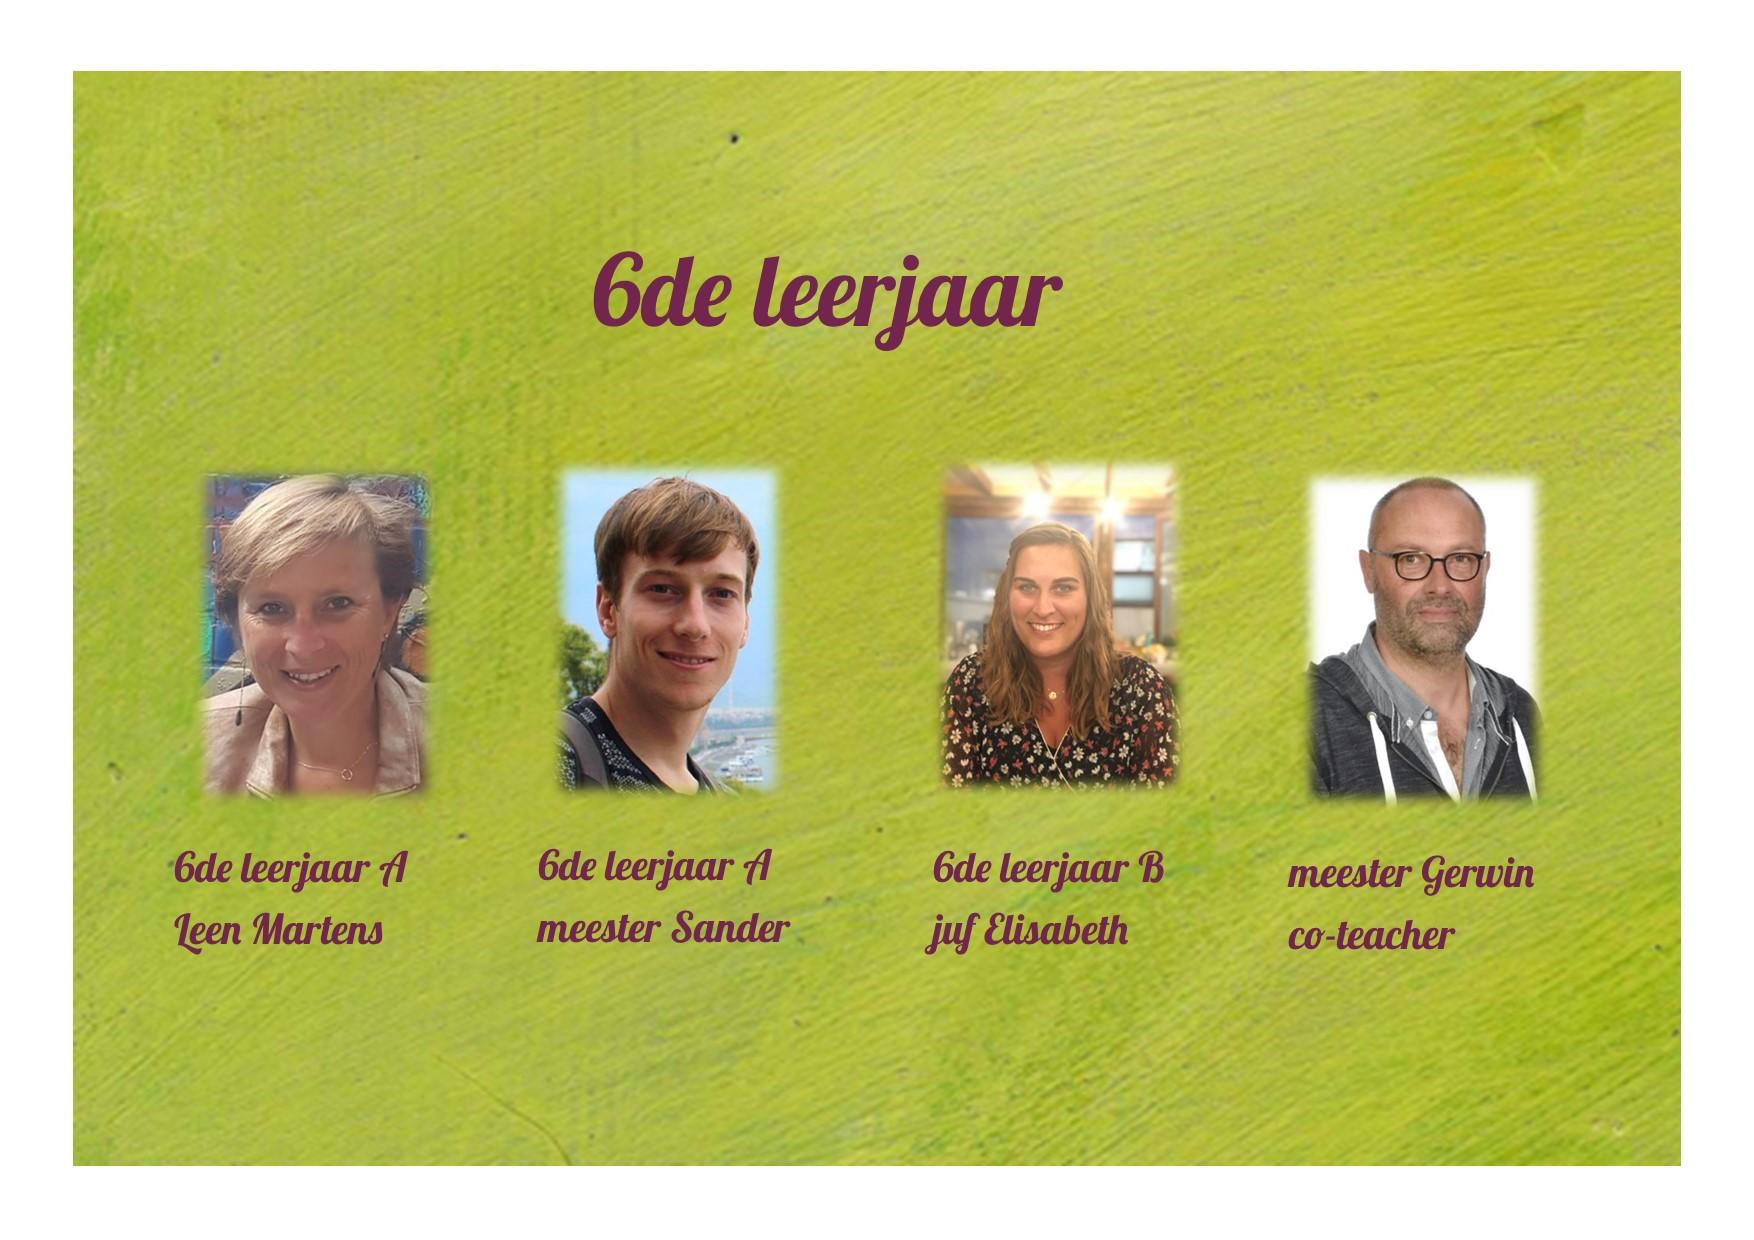 <p>6de leerjaar: juf Elisabeth, meester Gerwin, meester Sander en juf Leen</p> <p></p>